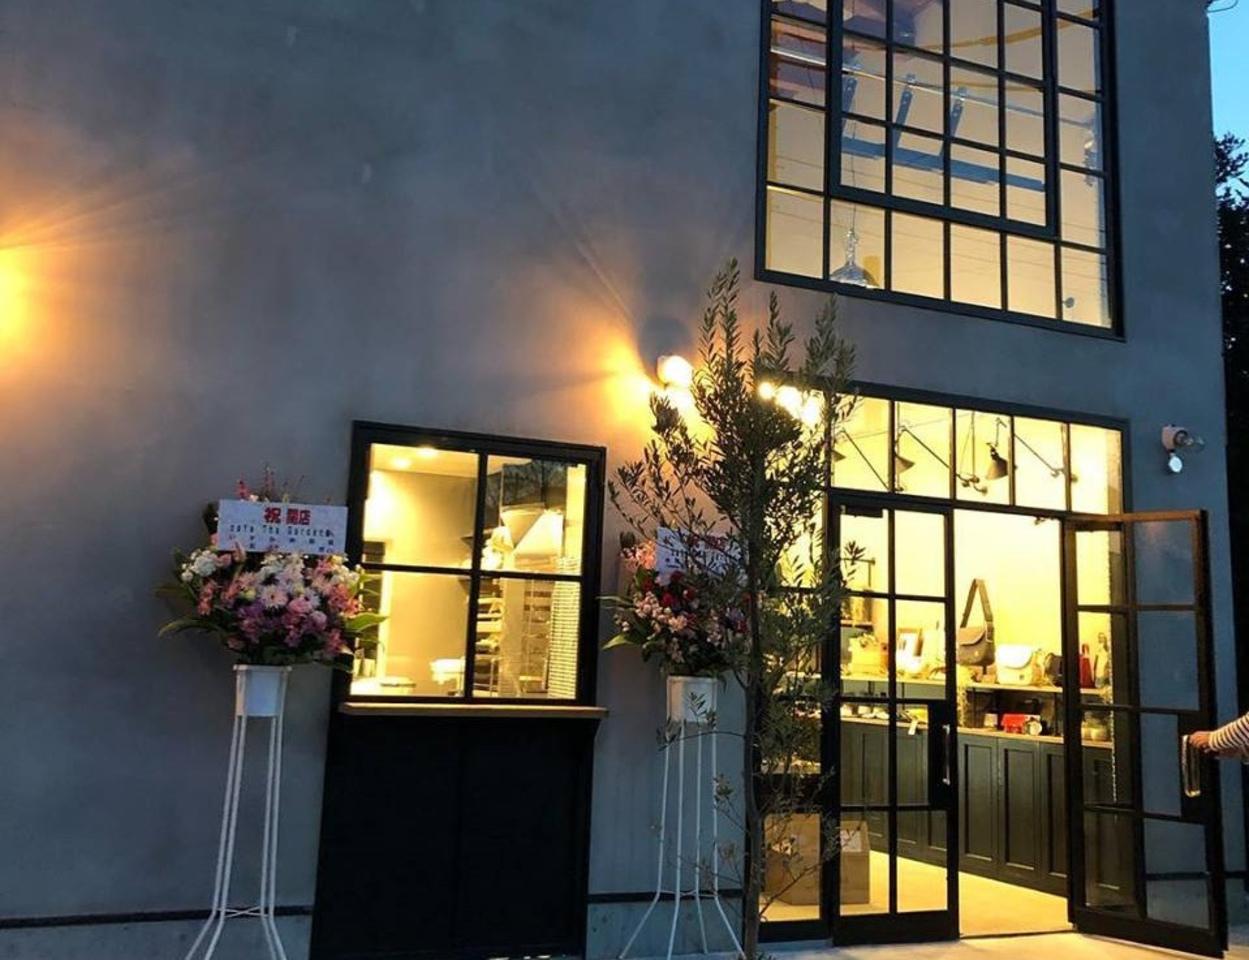 敷地内に沢山の植物...埼玉県北足立郡伊奈町小室に『カフェ・ザ・ガーデン』2/25グランドオープン